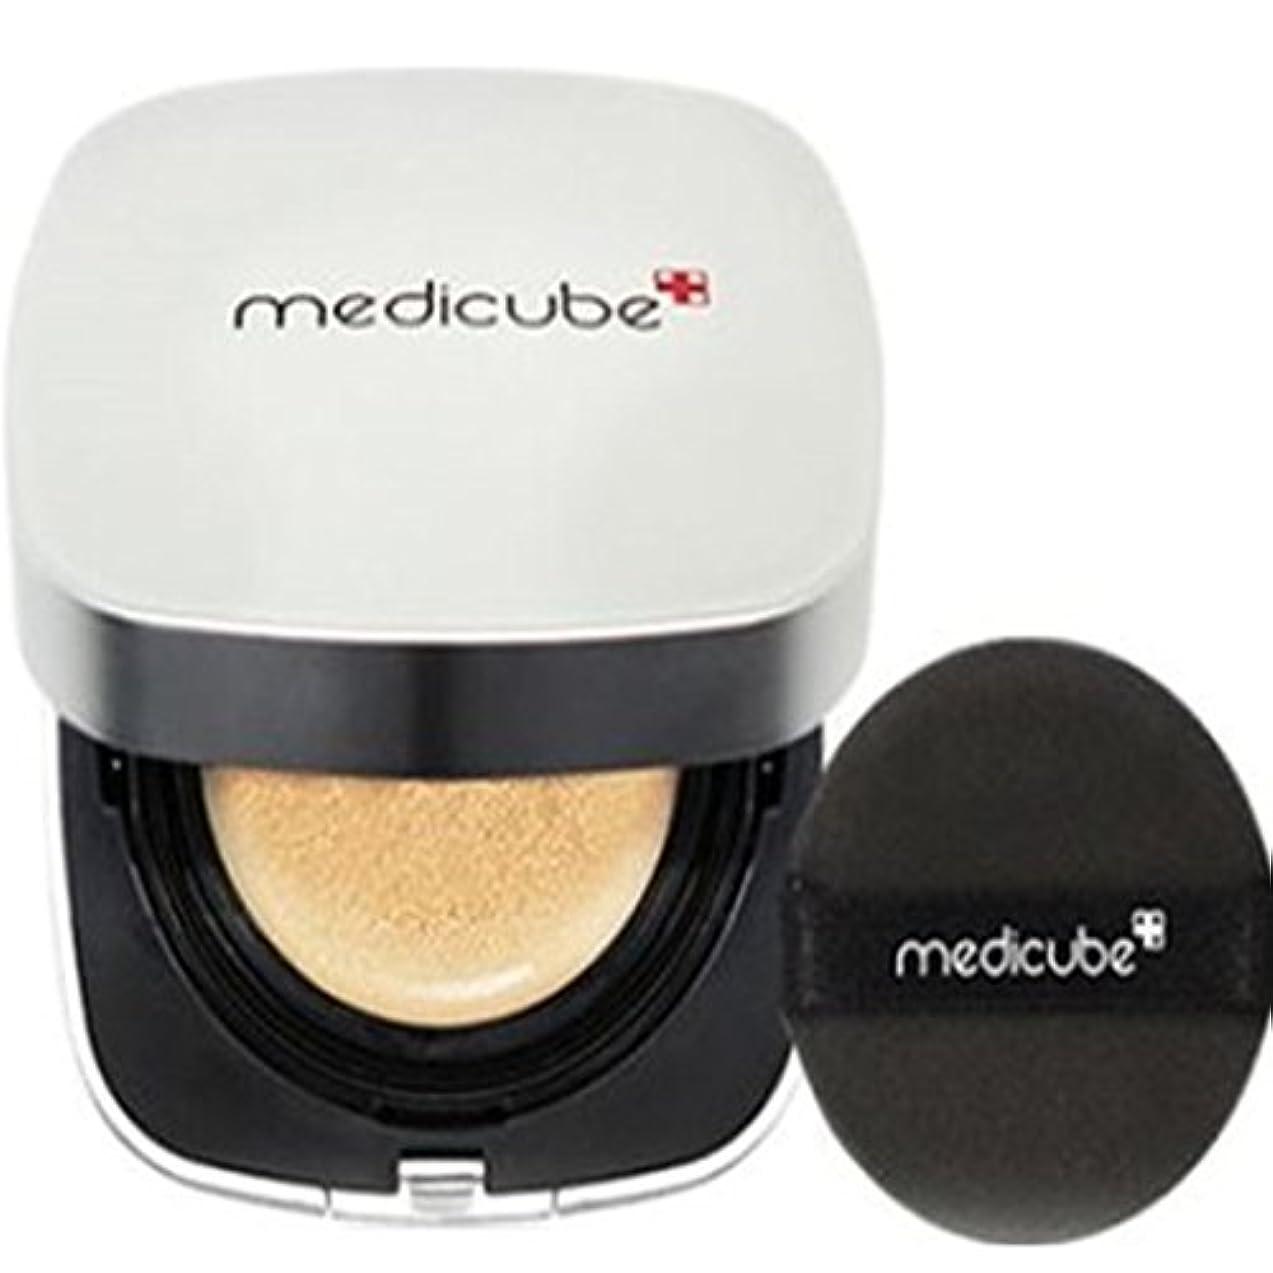 ステンレス連隊摩擦[Medicube メディキューブ] レッドクッション - シェード23号ナチュラルベージュ / Red Cushion - Shade 23 Natural Beige [並行輸入品]